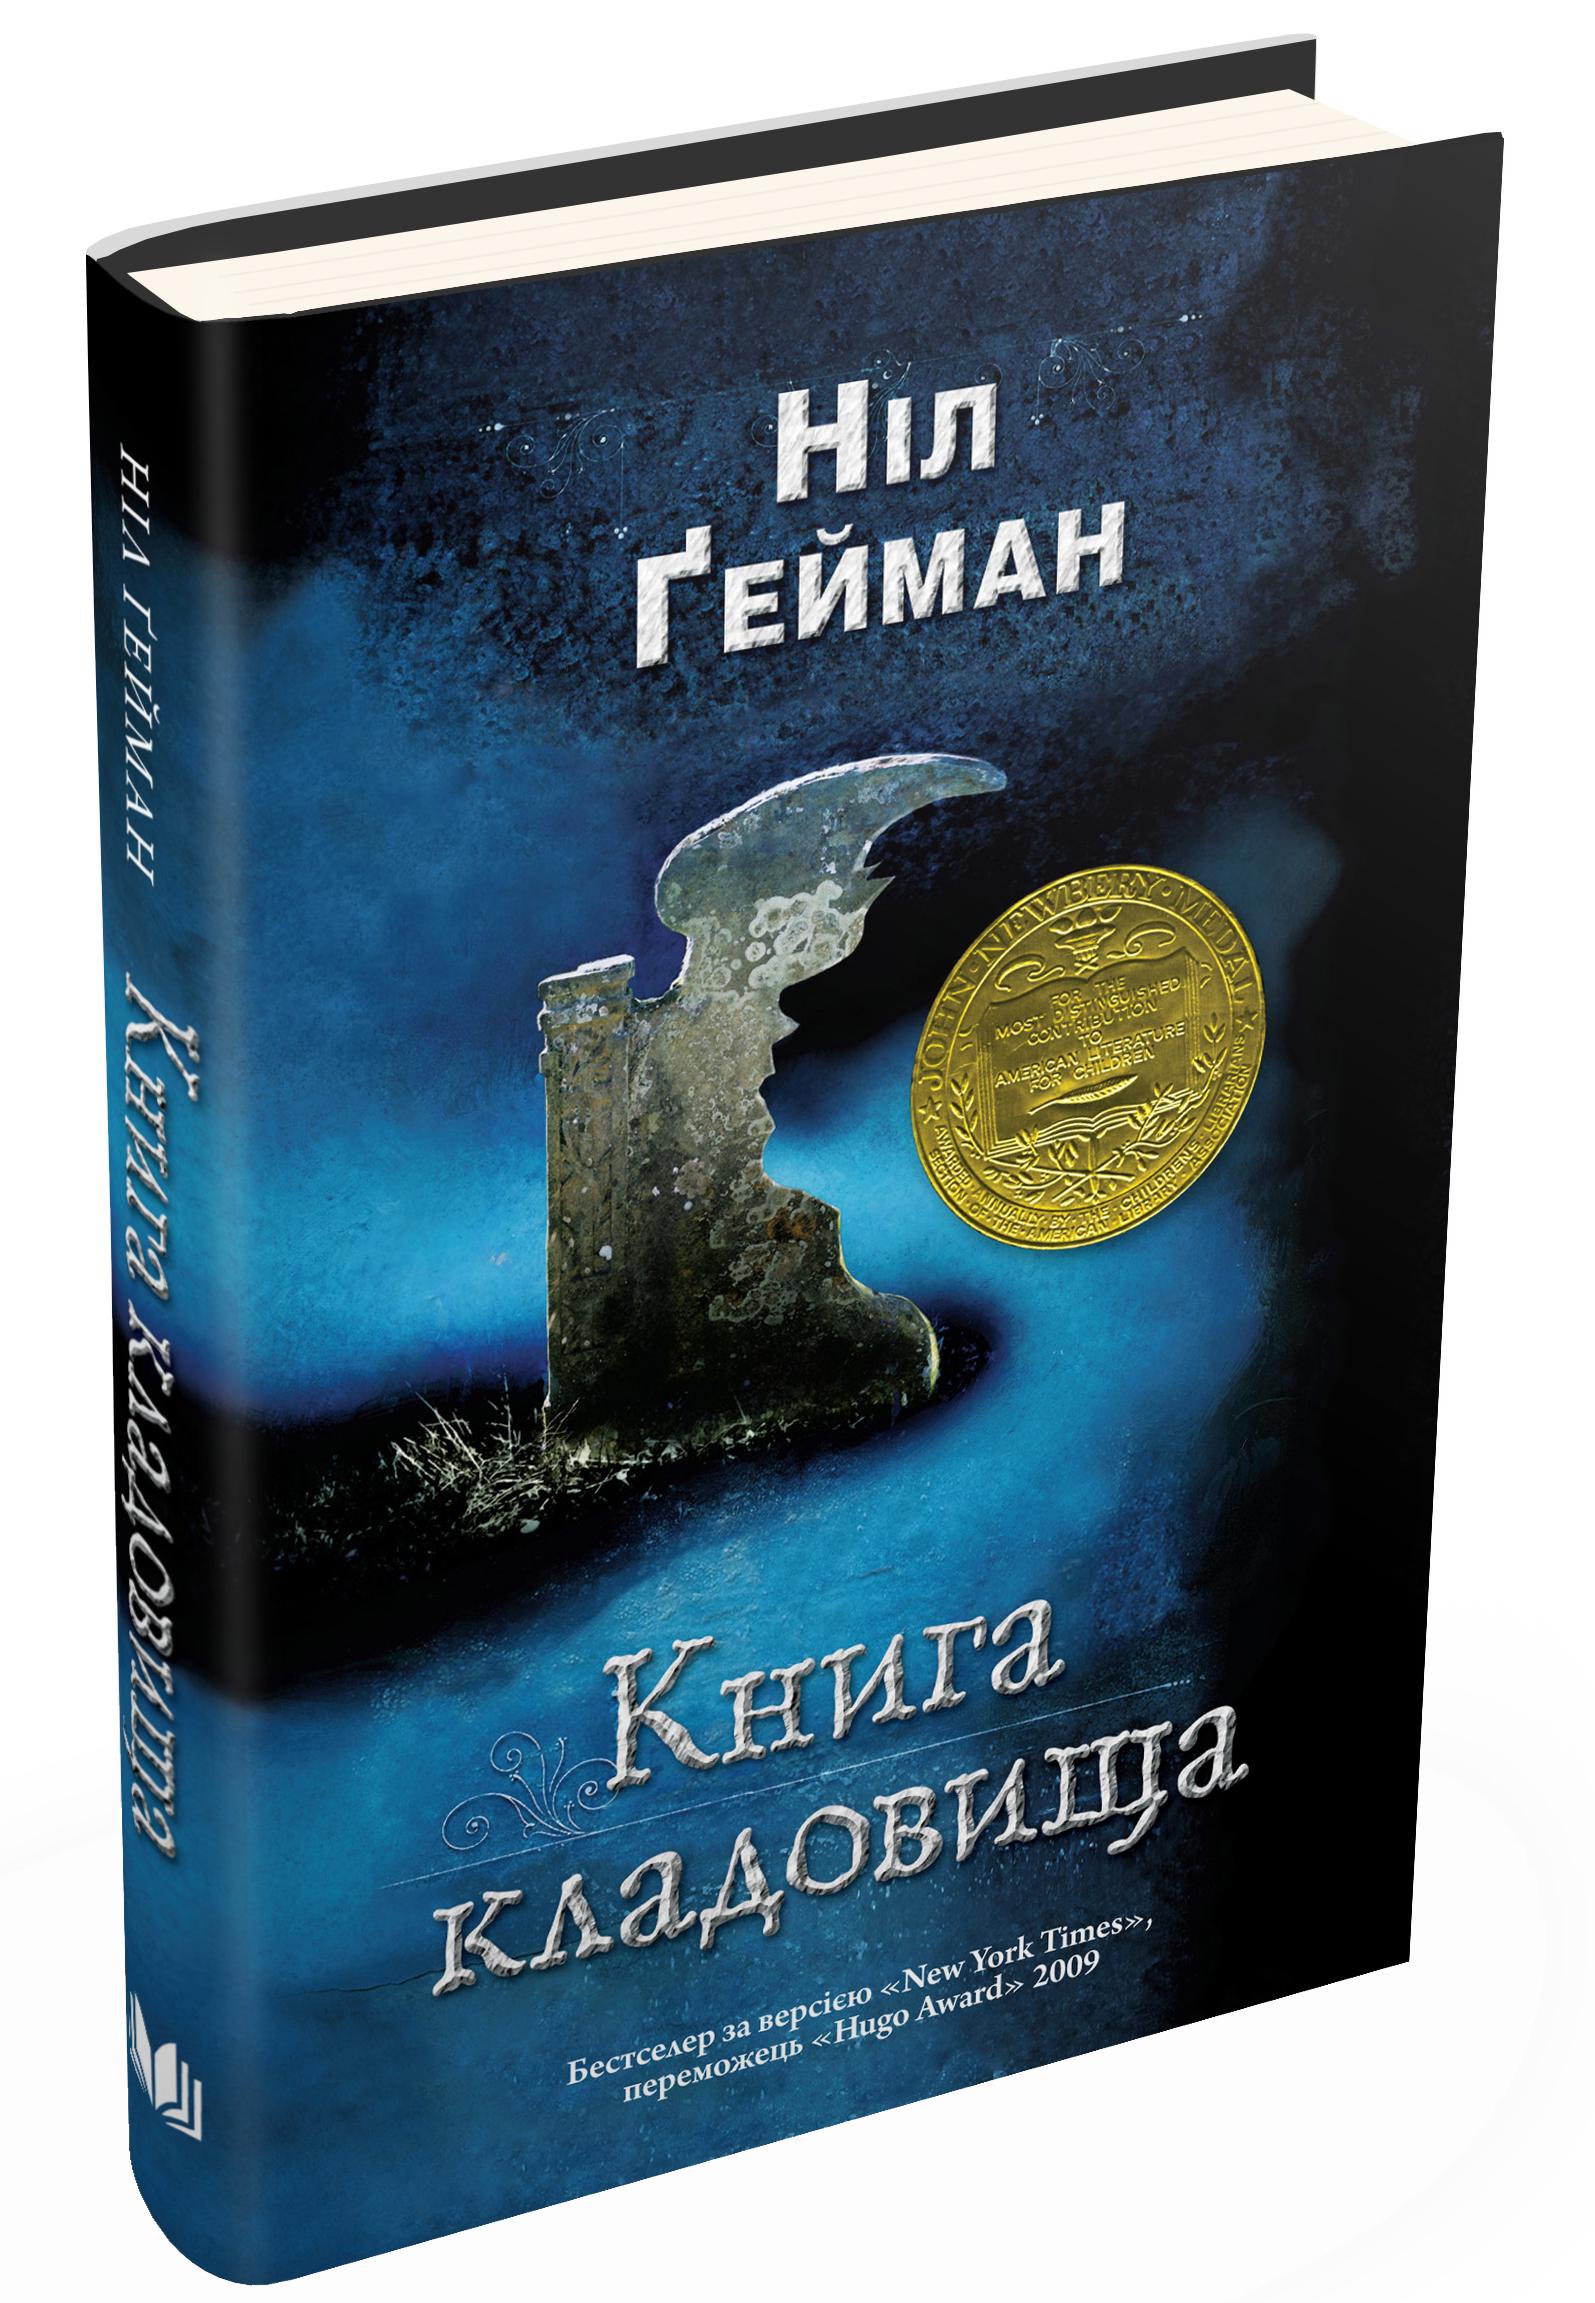 Книга_кладовища_HB5_2